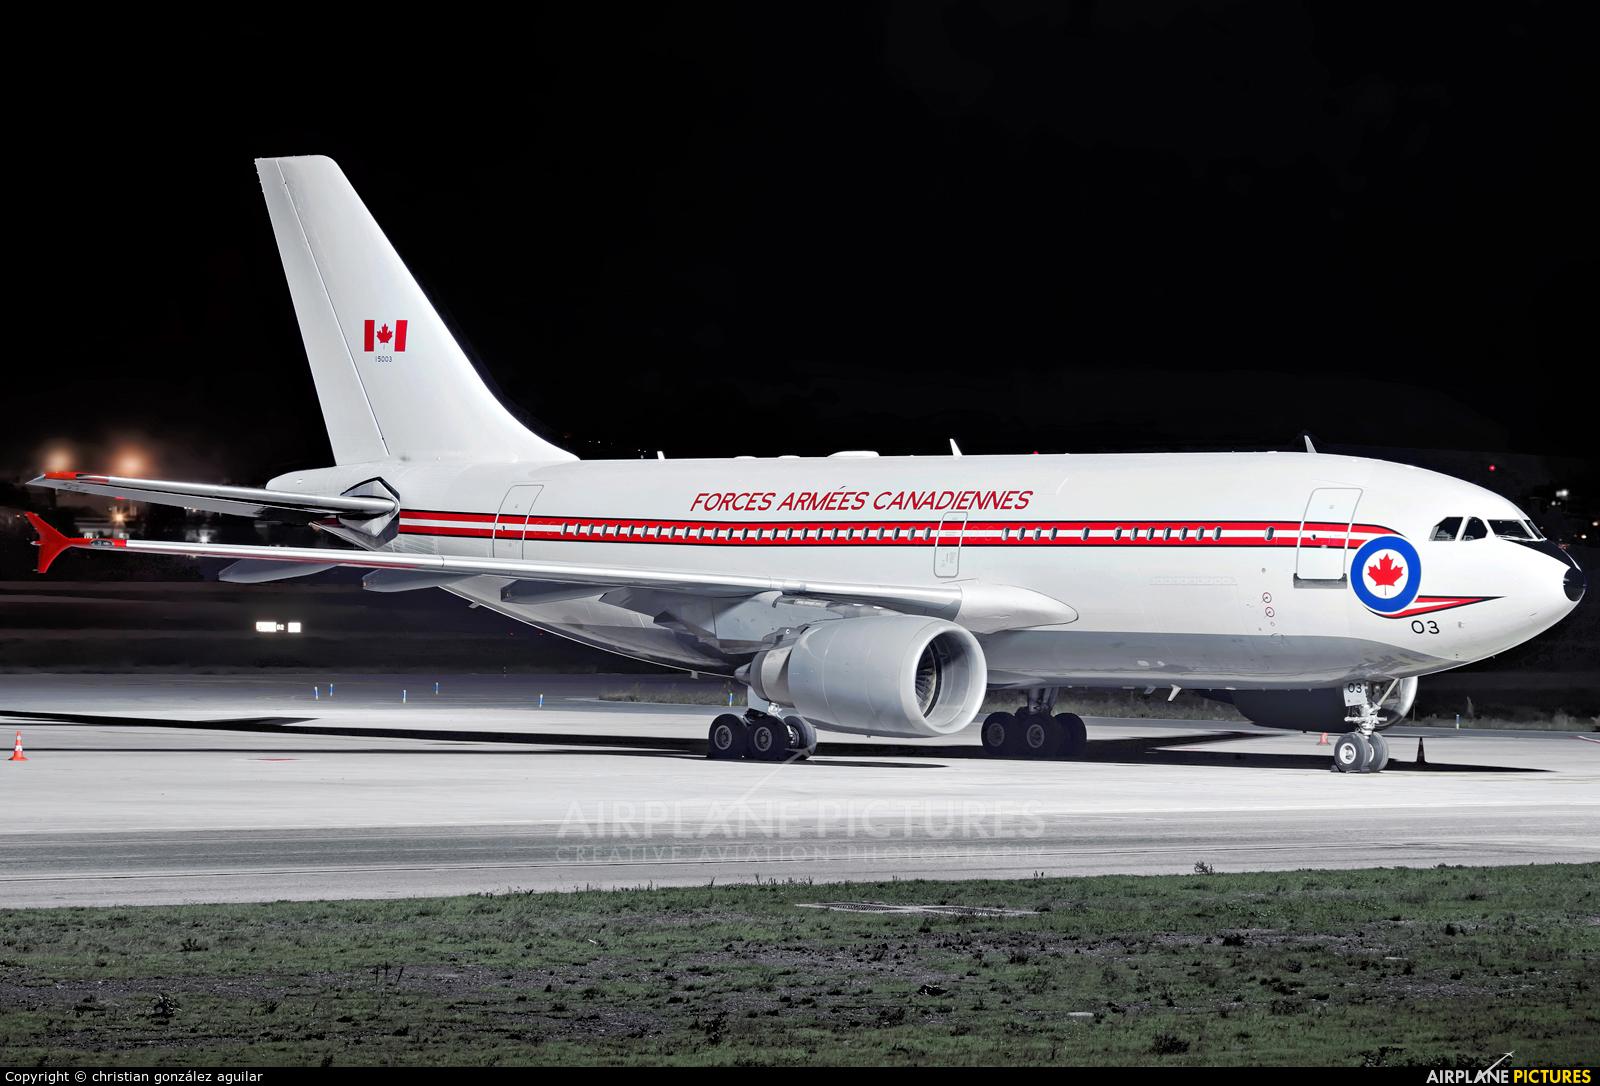 Canada - Air Force 15003 aircraft at Málaga